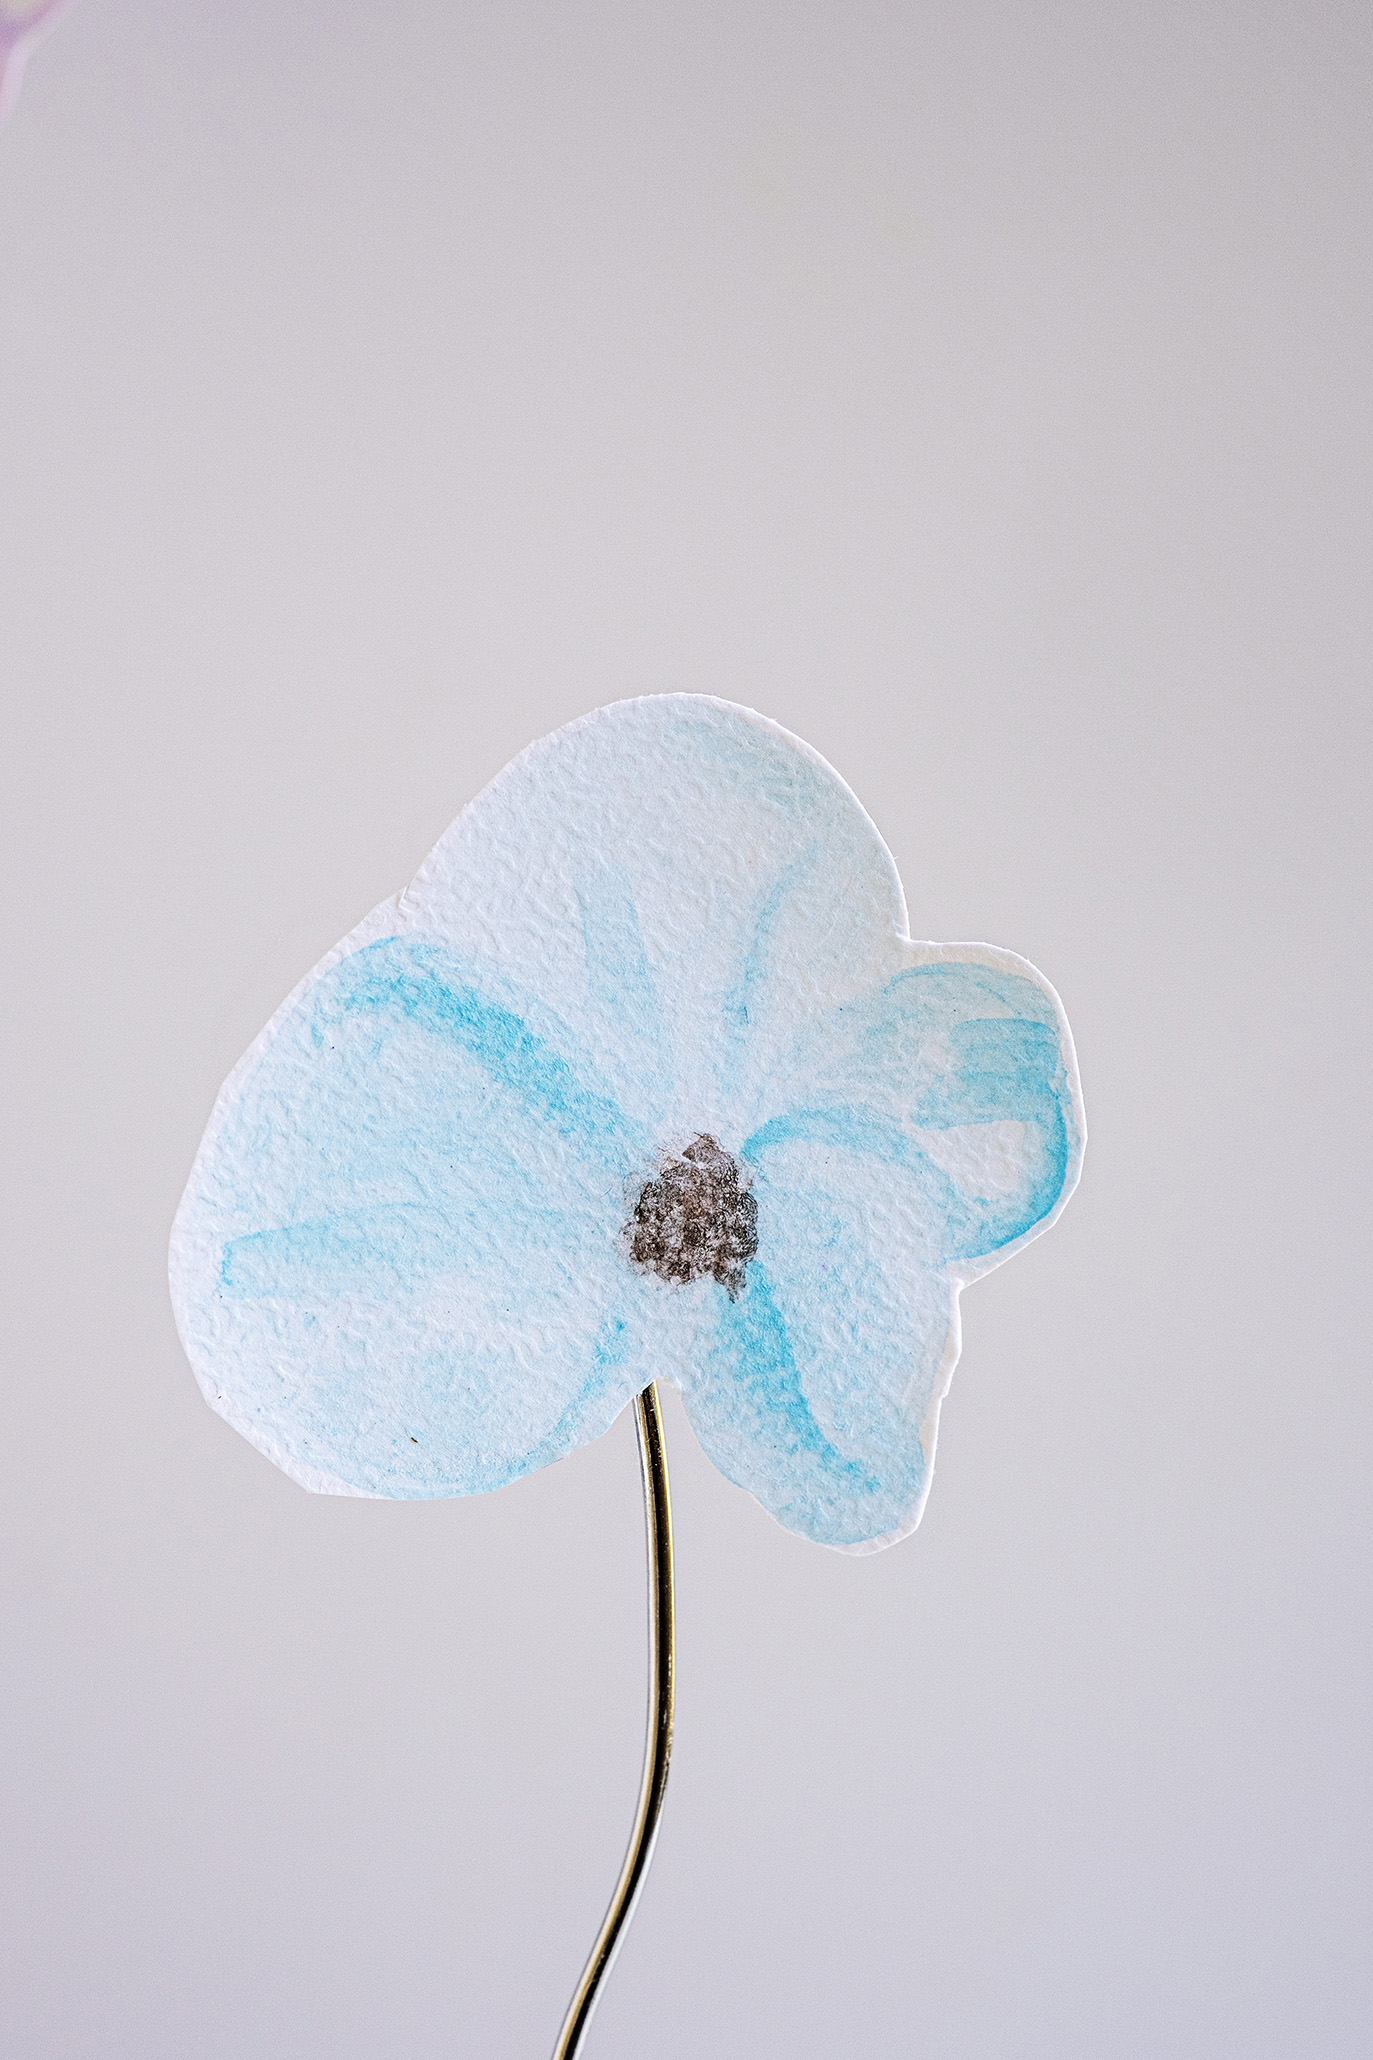 Ik ben benieuwd voor wie jij deze schattige bloemen gaat maken?